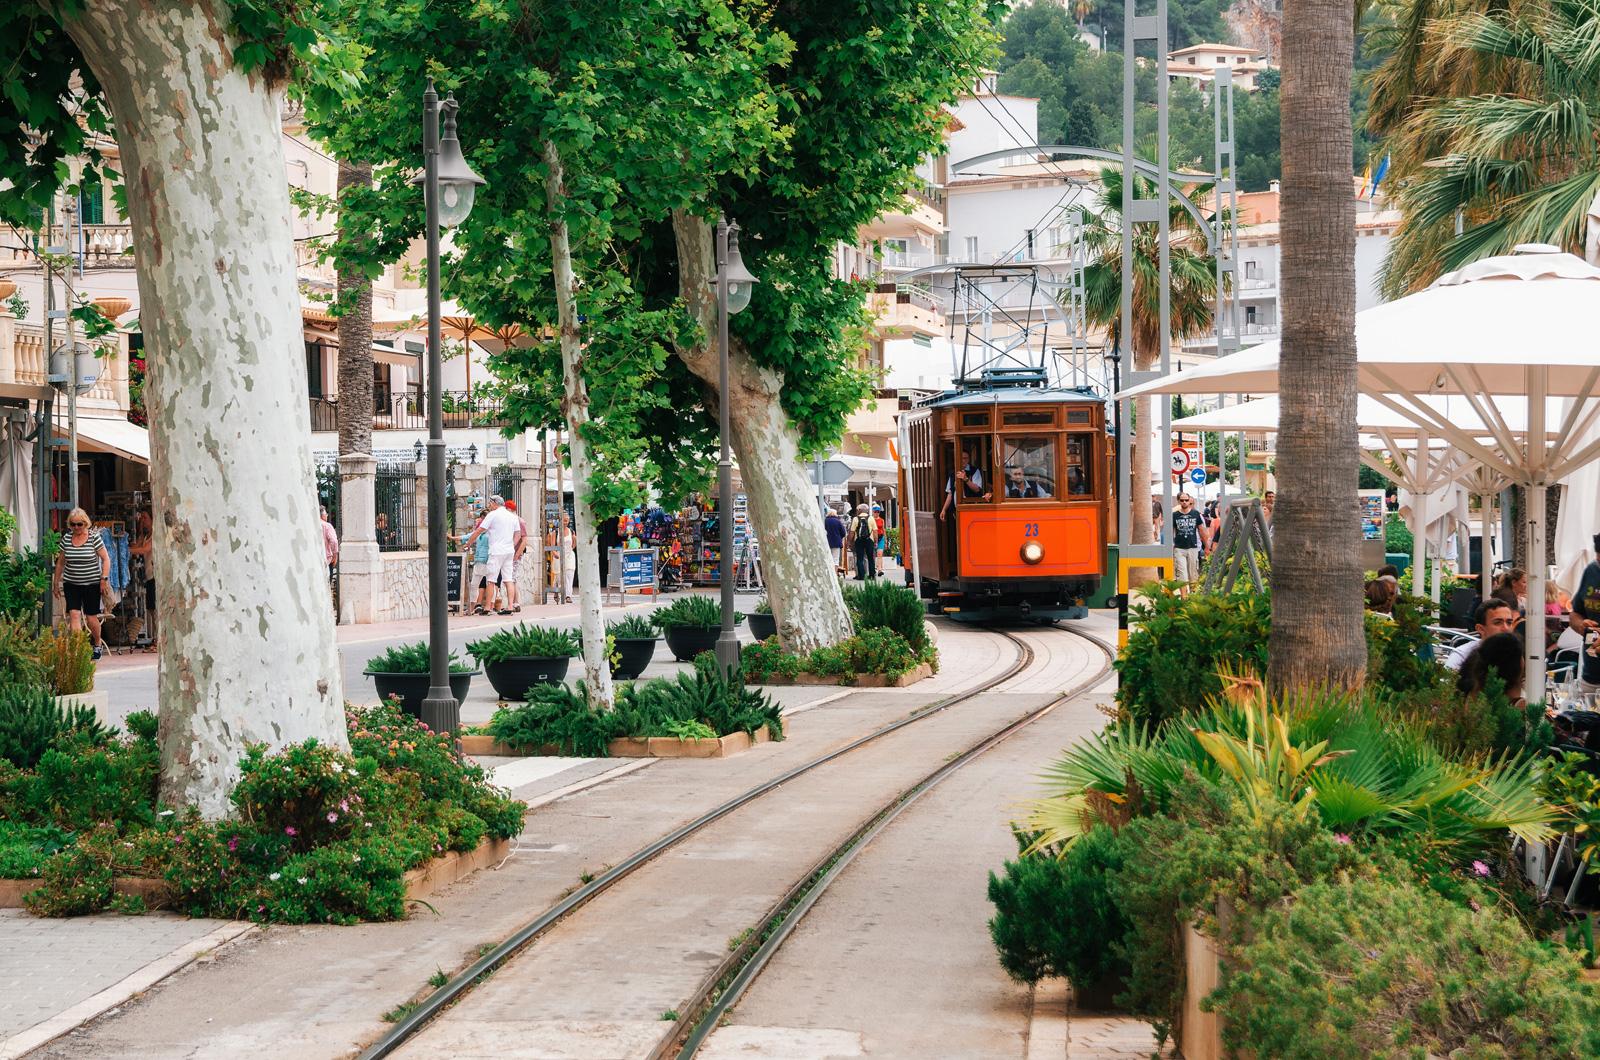 Между Сольером и Порт-де-Сольером курсирует трамвай.